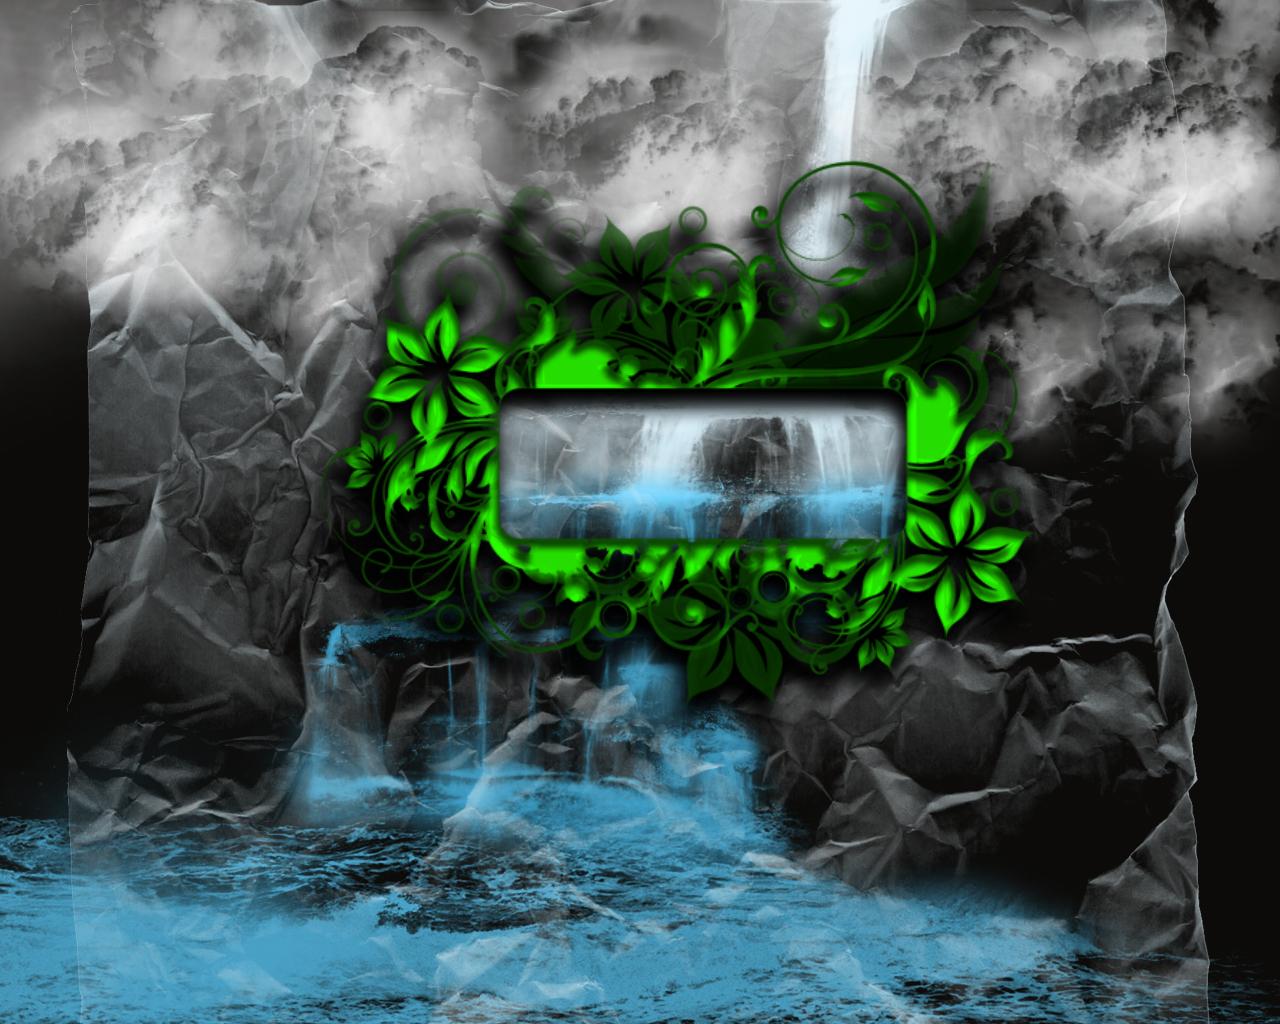 http://3.bp.blogspot.com/_JClEFgsqLig/TOyNJy5EGWI/AAAAAAAAA6Q/8ikTYY5mopc/s1600/minimal-waterfall-wallpaper-03.jpeg